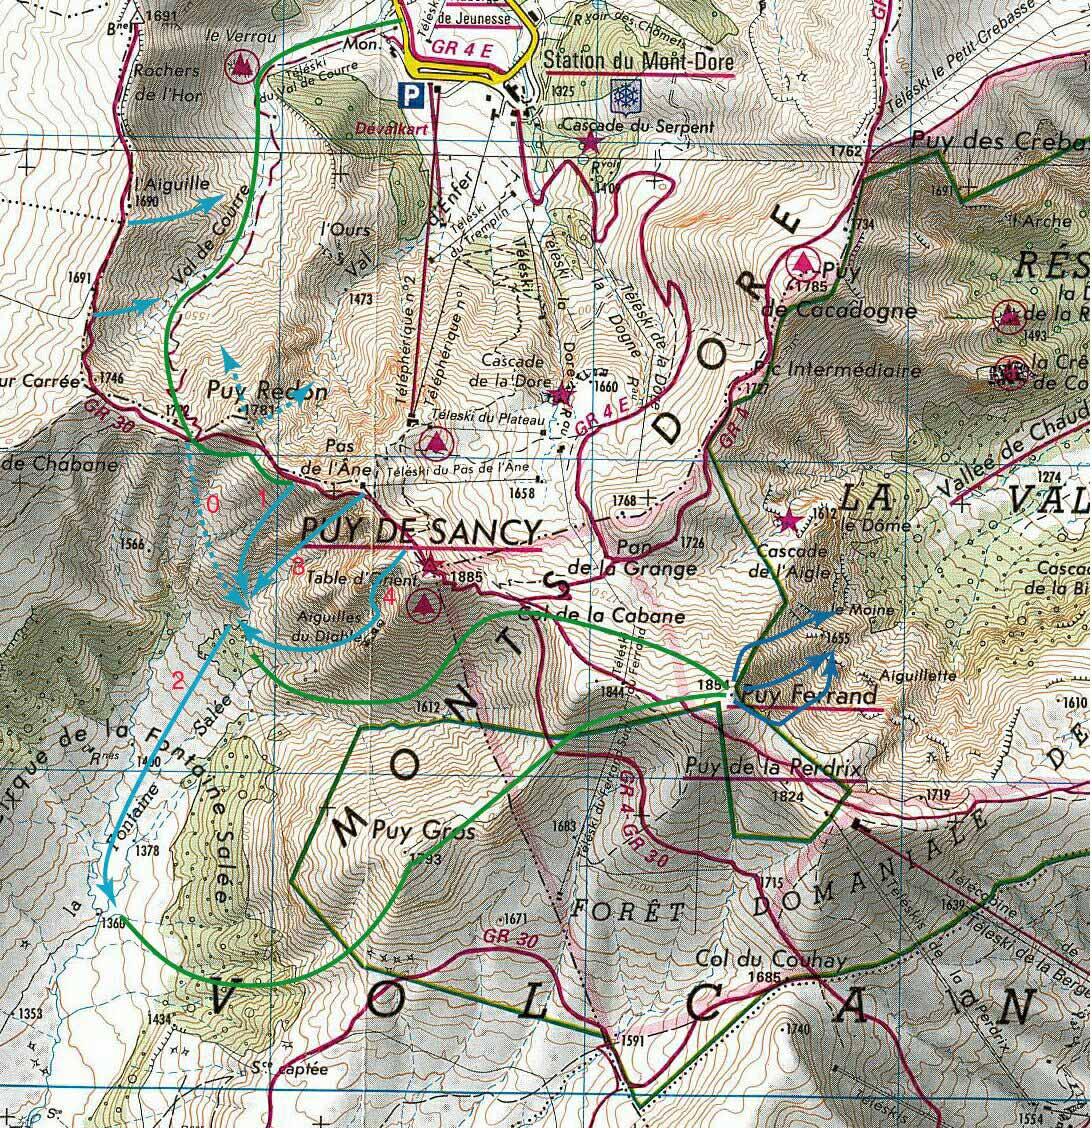 puy de sancy carte Le Circuit des 3 Vallées